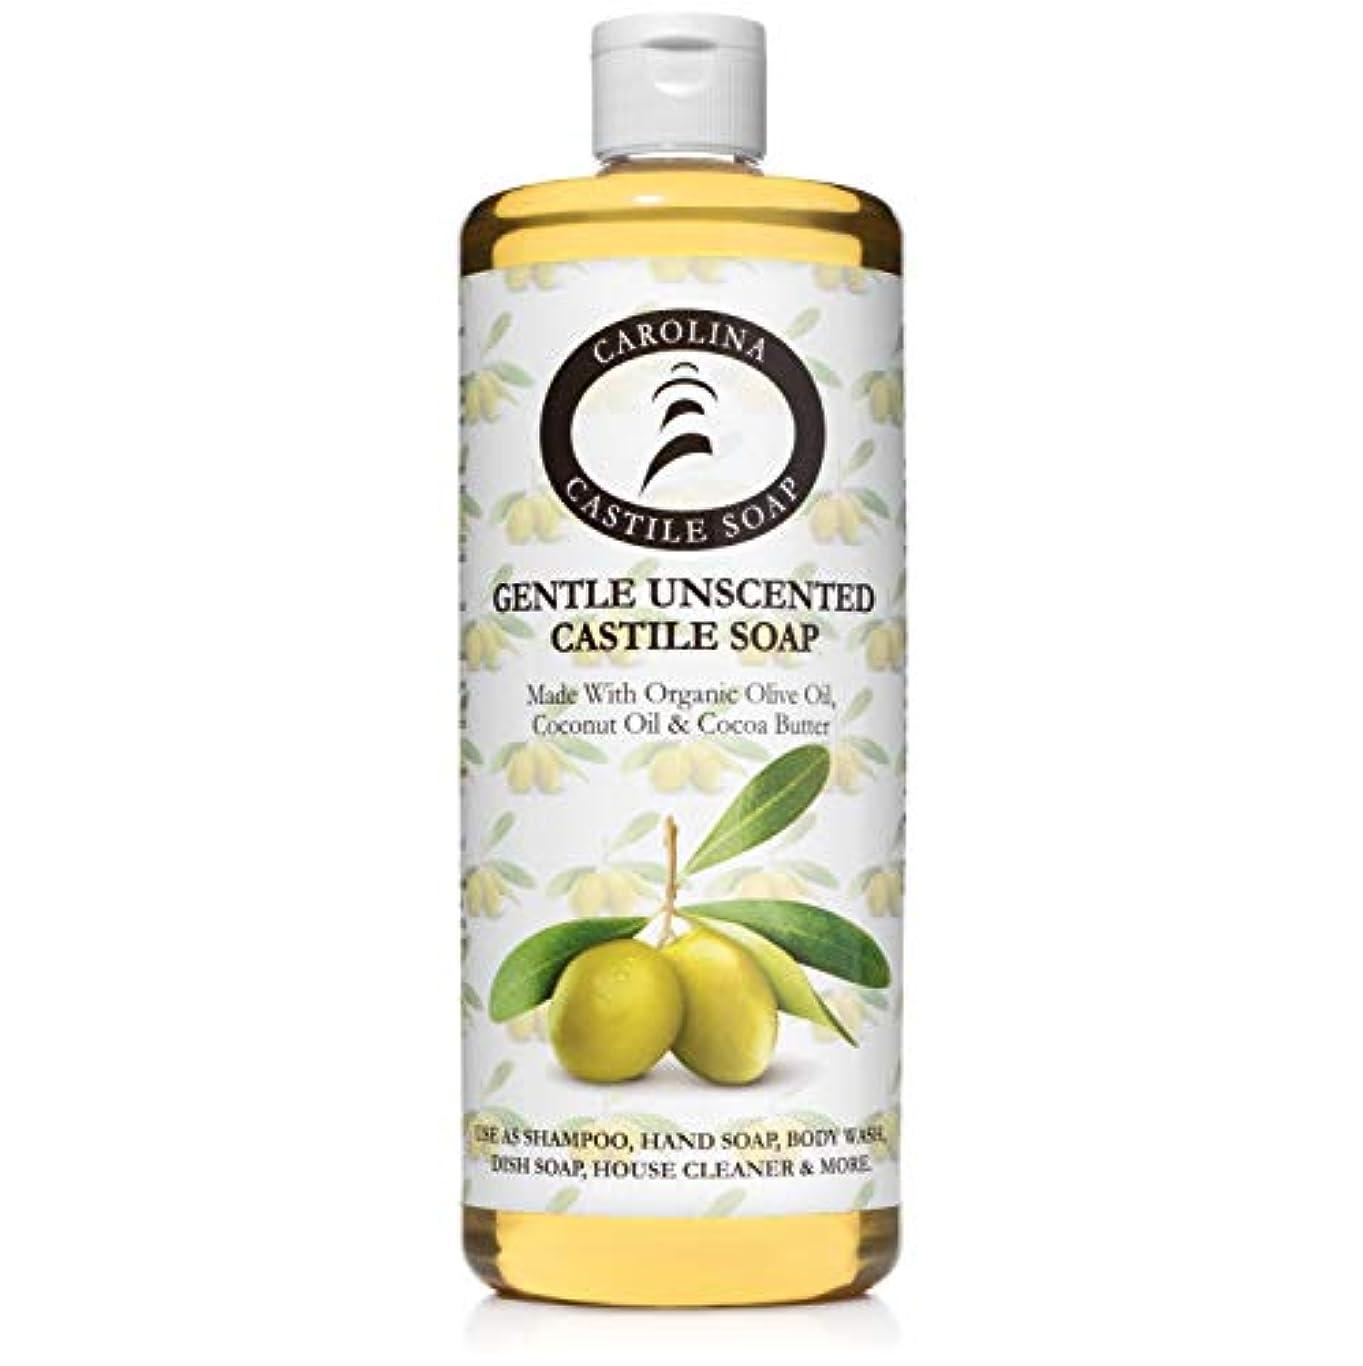 美的うれしい誤解Carolina Castile Soap ジェントル無香料認定オーガニック 32オズ